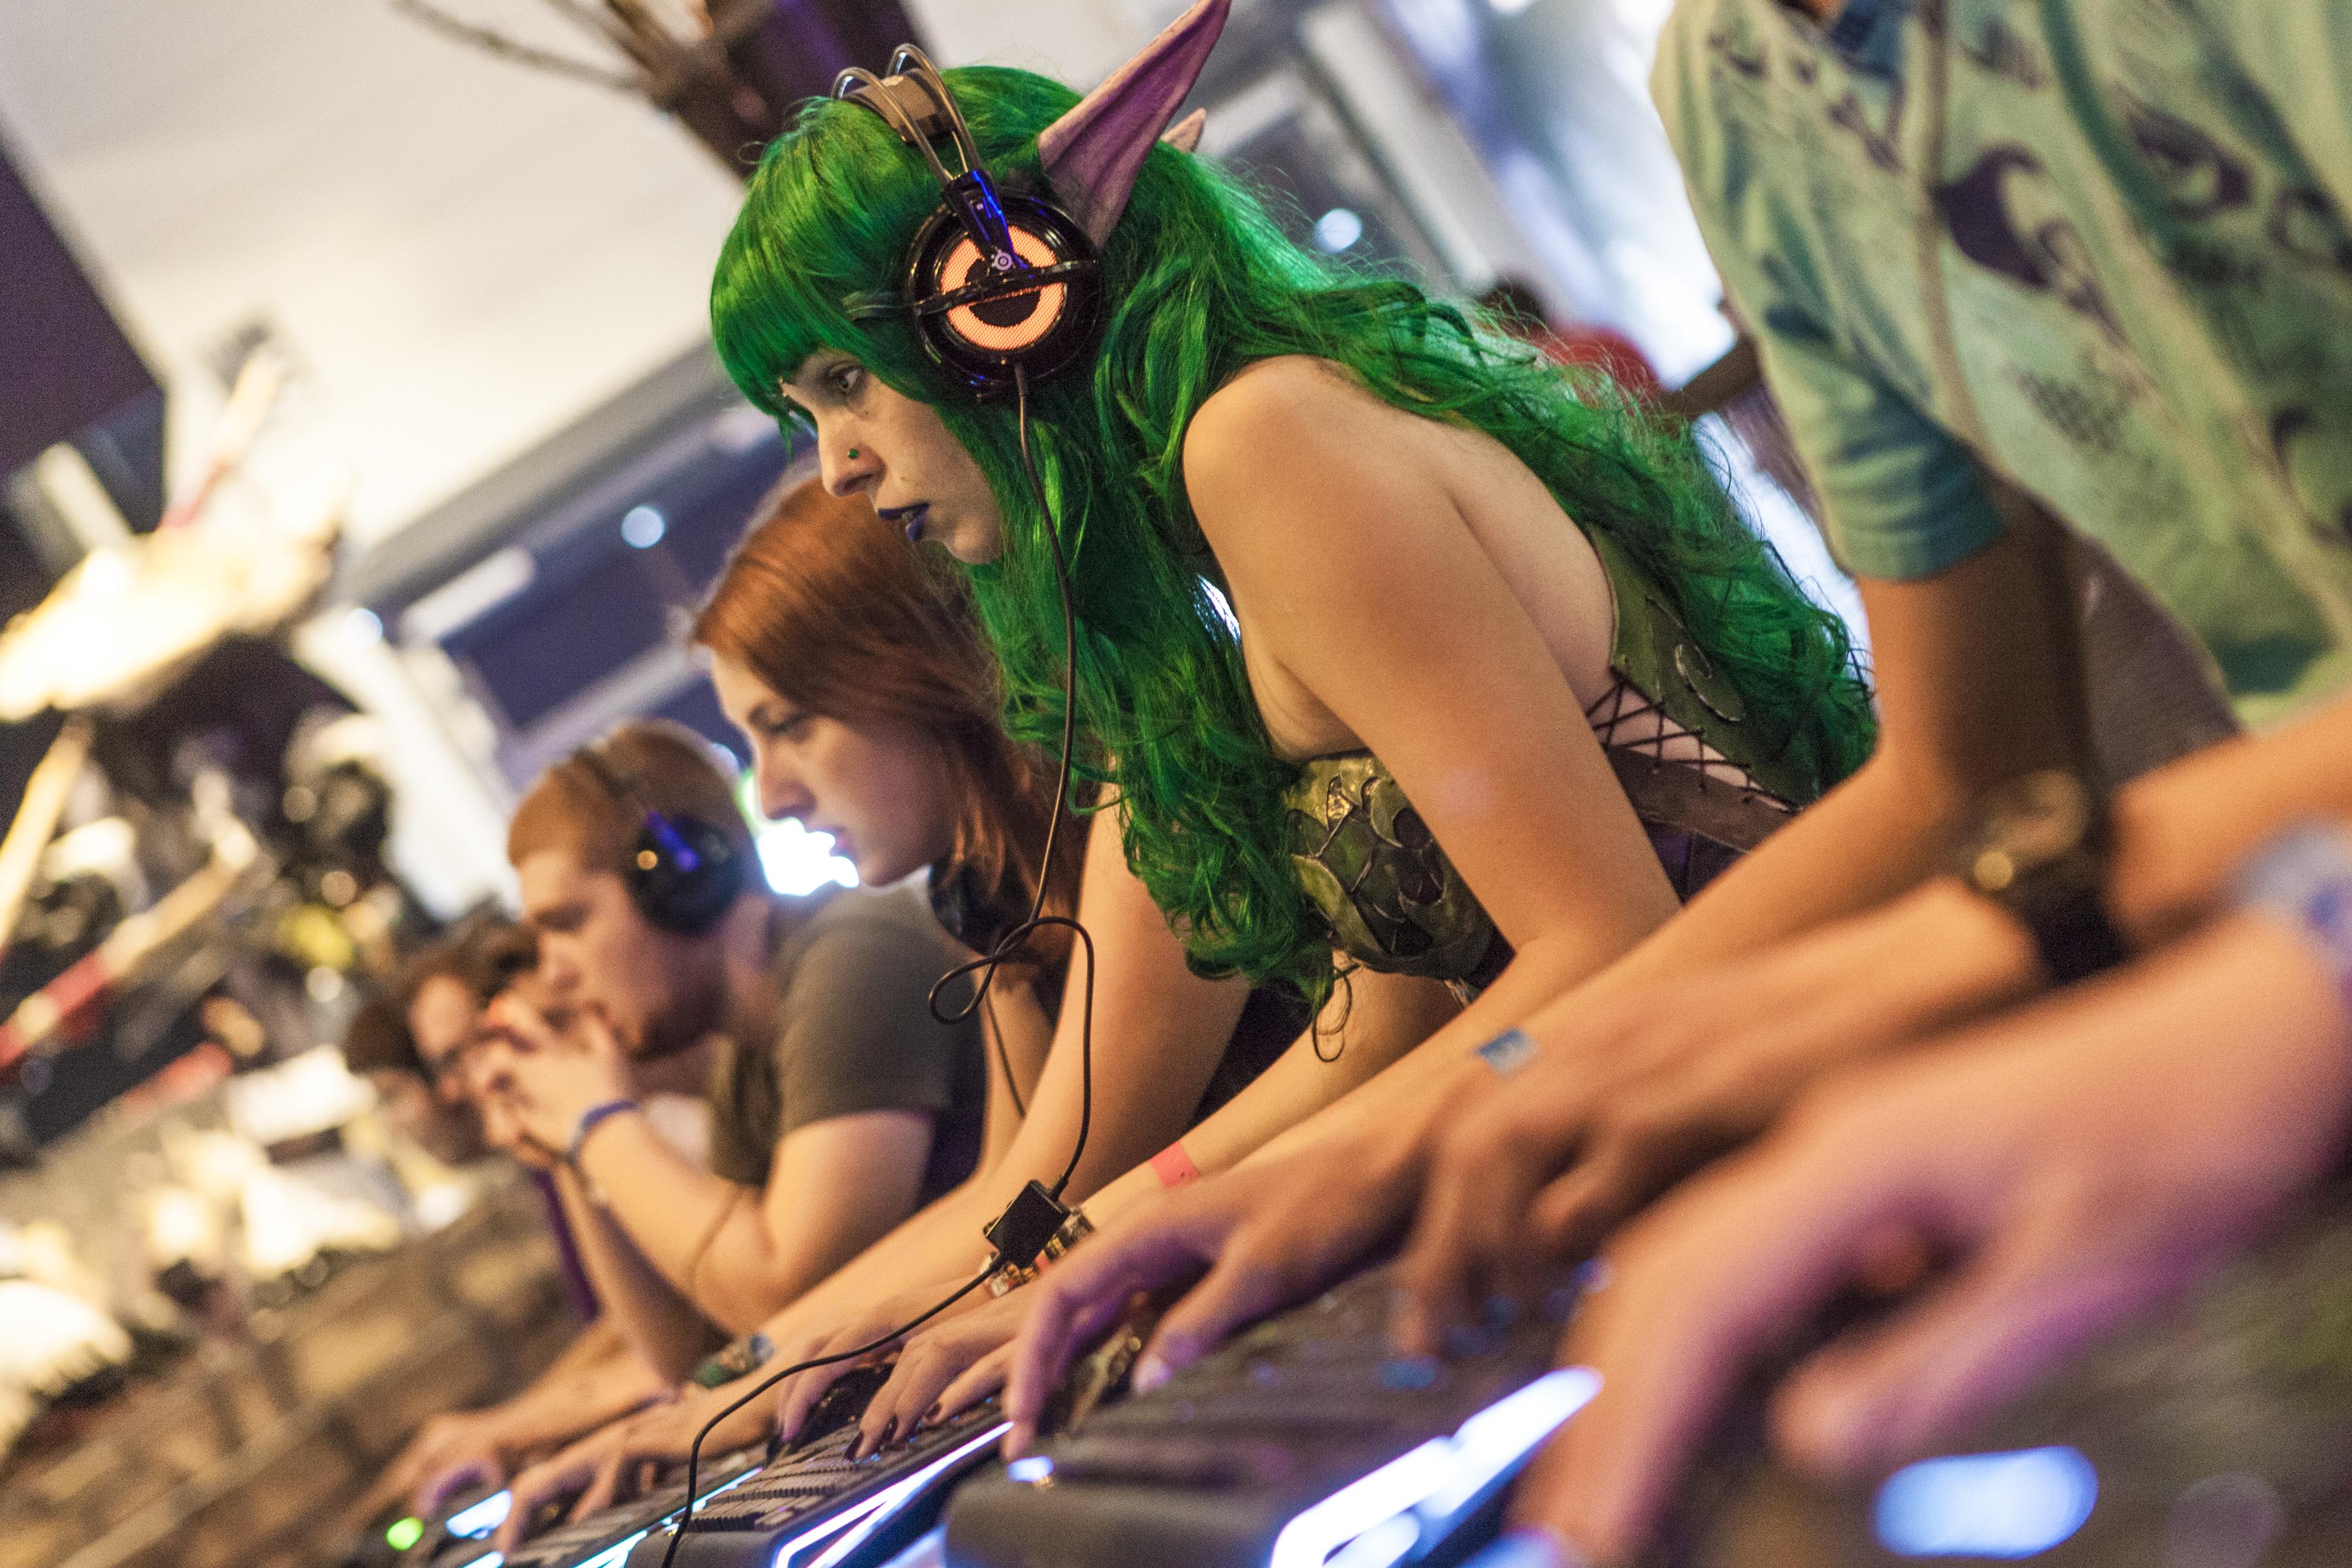 Ners und Freaks trifft man auf einer der weltgrößten Veranstaltungen der branche. (Foto: Kölnmesse)